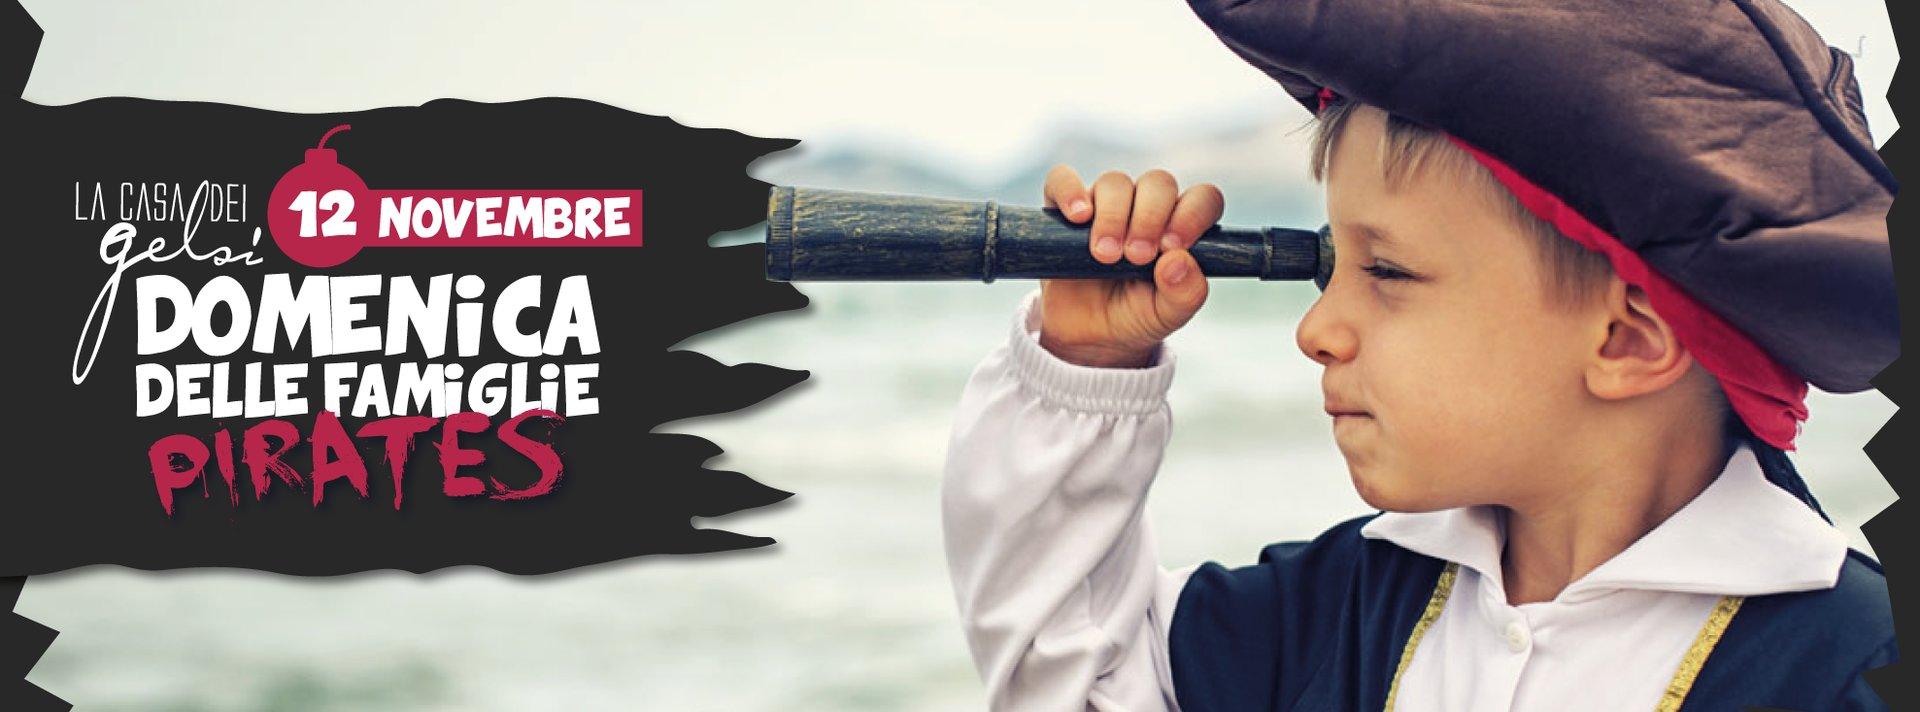 Domenica per bambini e famiglie a tema pirati ai G